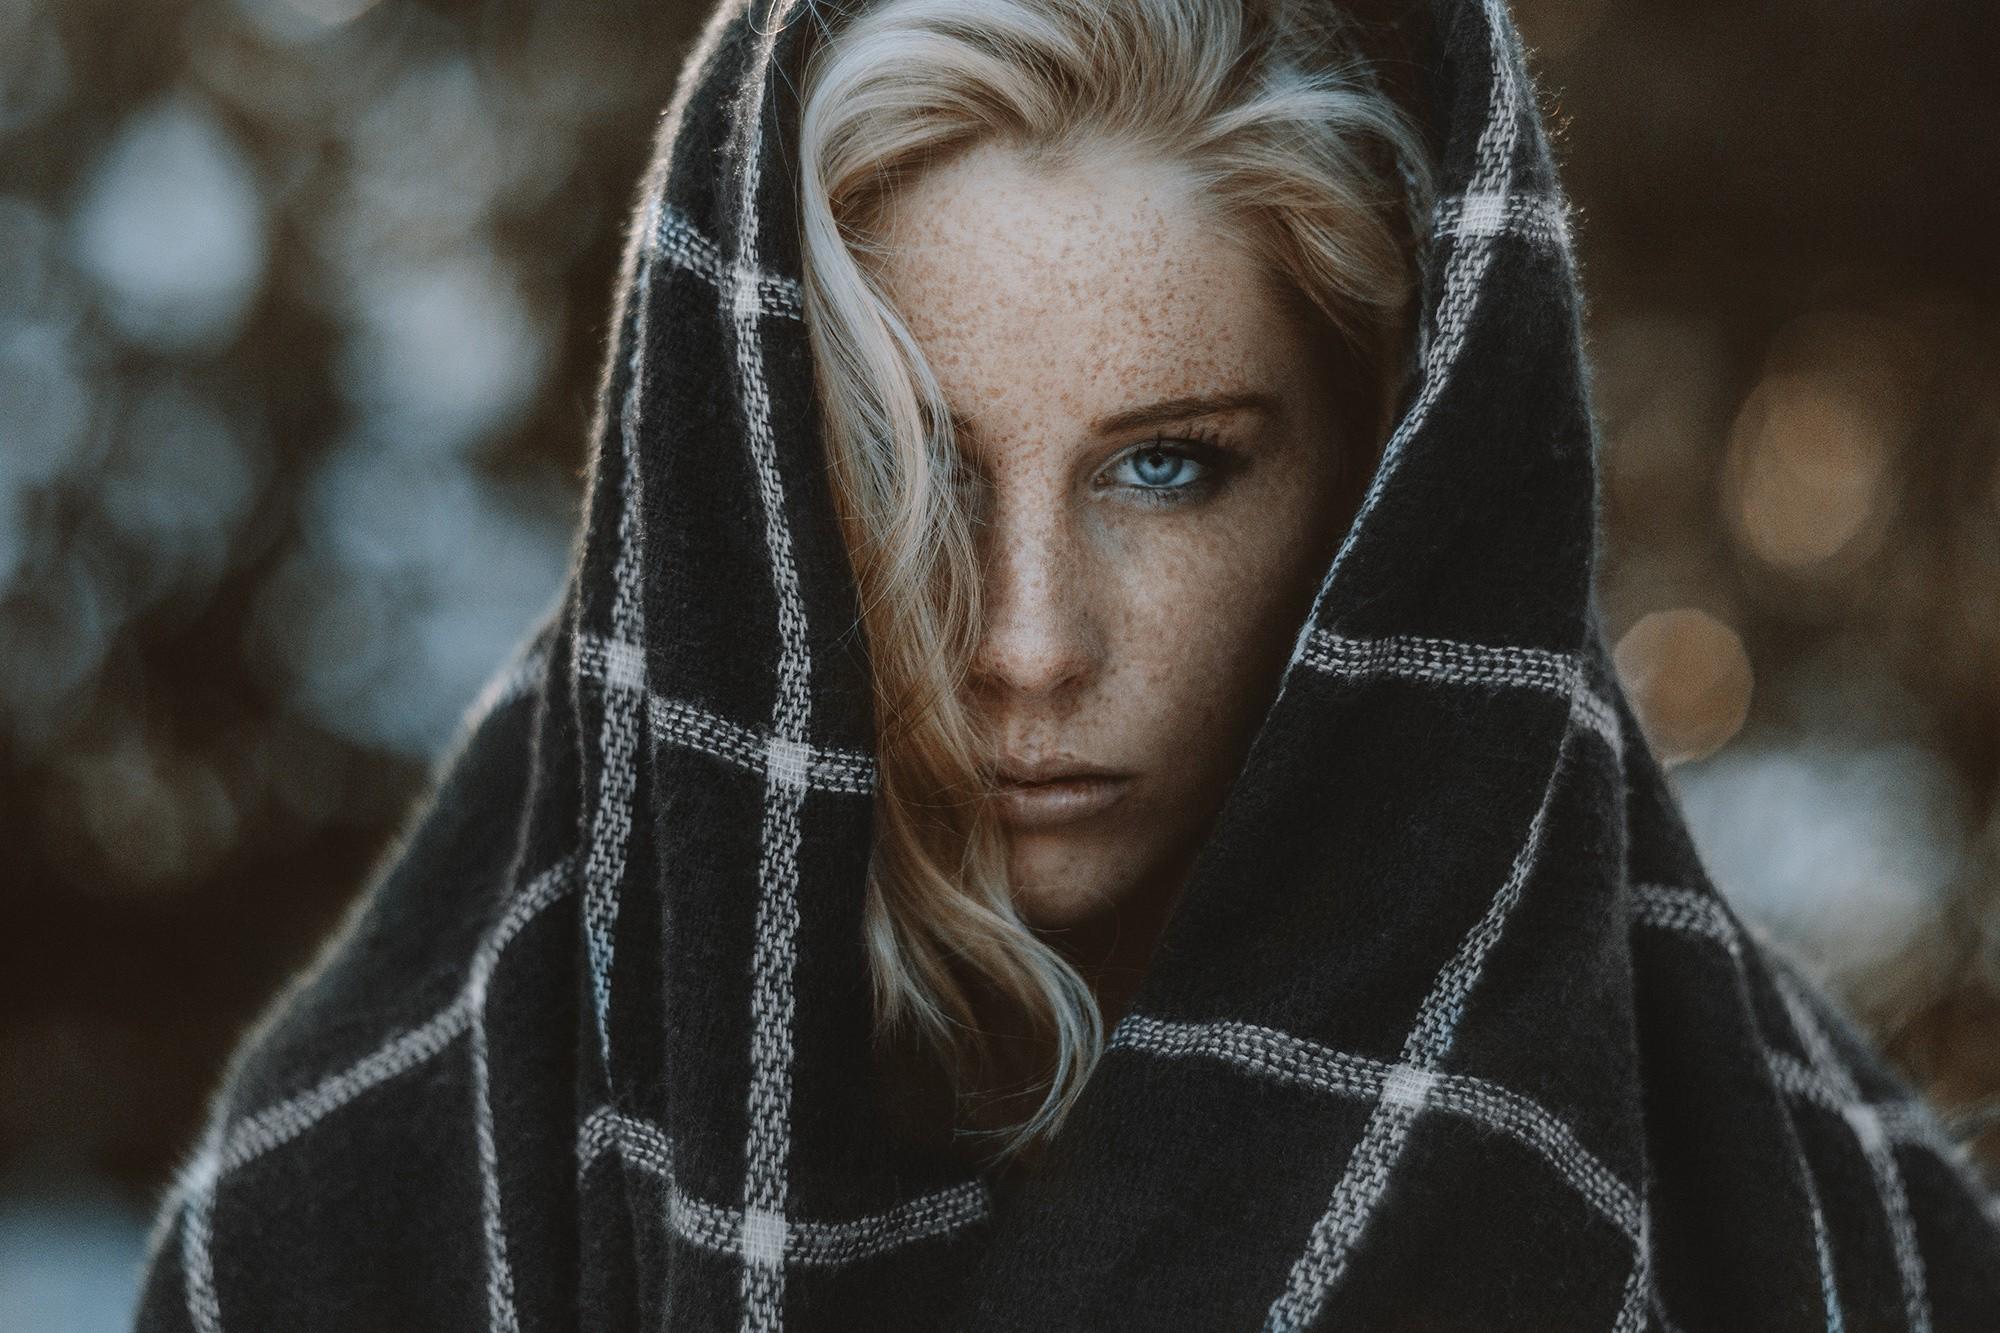 Wallpaper Face Women Model Long Hair Blue Eyes: Wallpaper : Women Outdoors, Model, Portrait, Blonde, Long